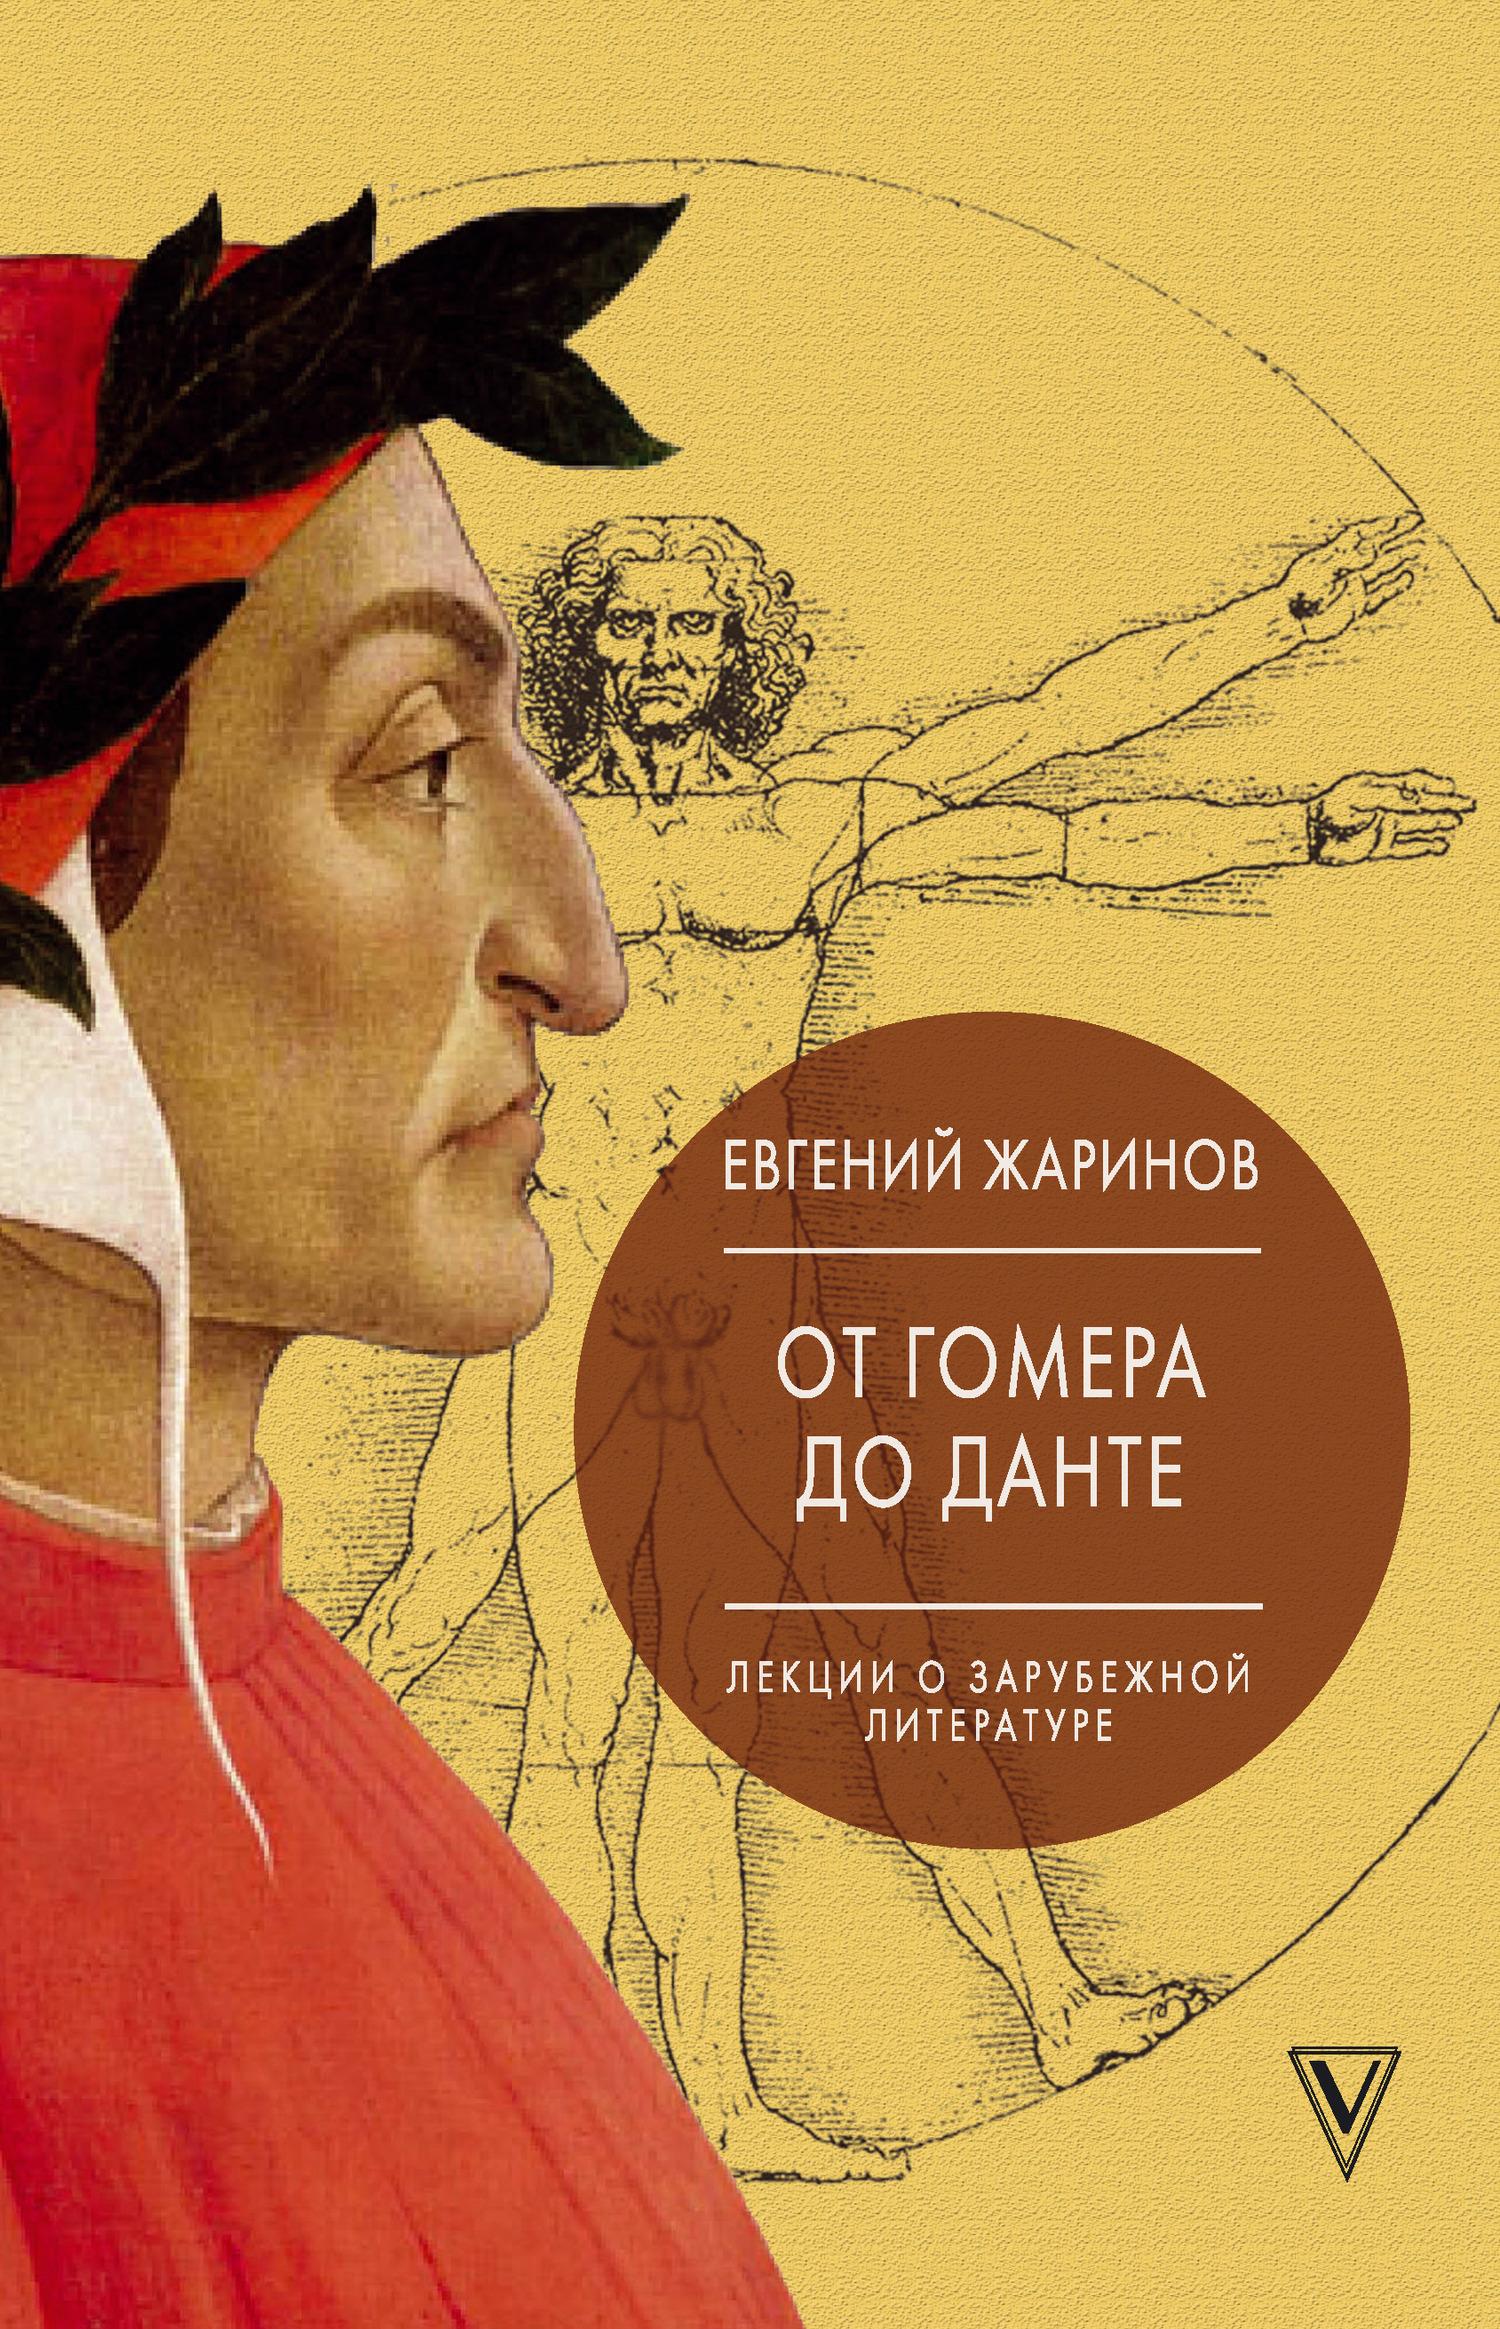 Евгений Жаринов. Лекции о зарубежной литературе. От Гомера до Данте